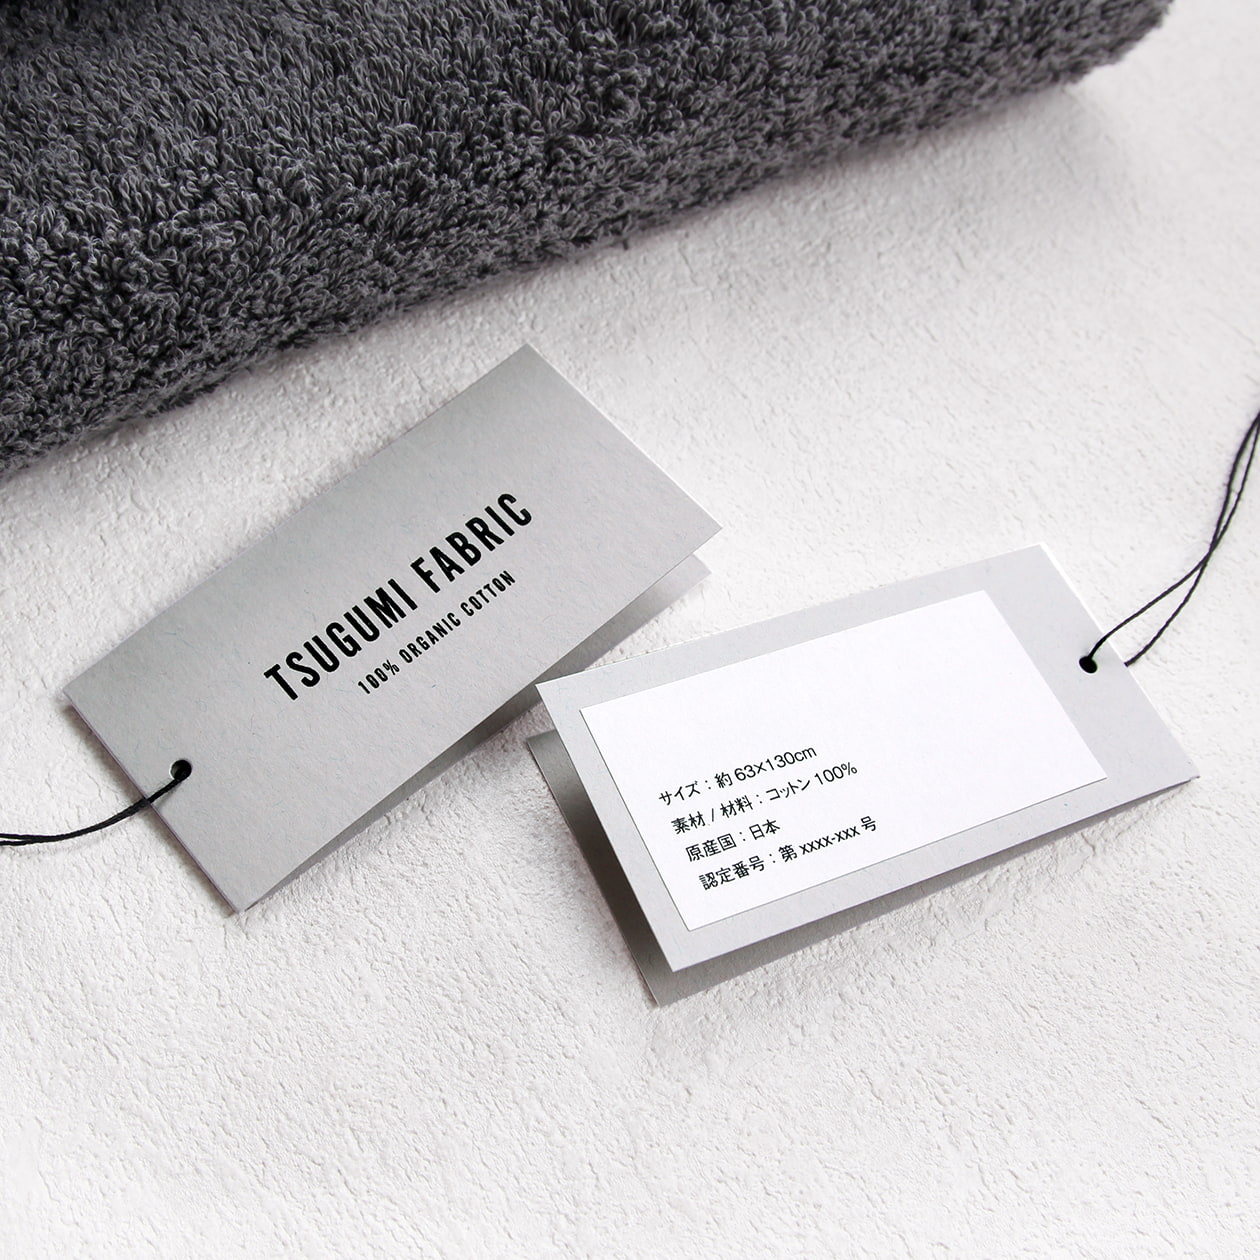 バスタオル用の二つ折りタグ